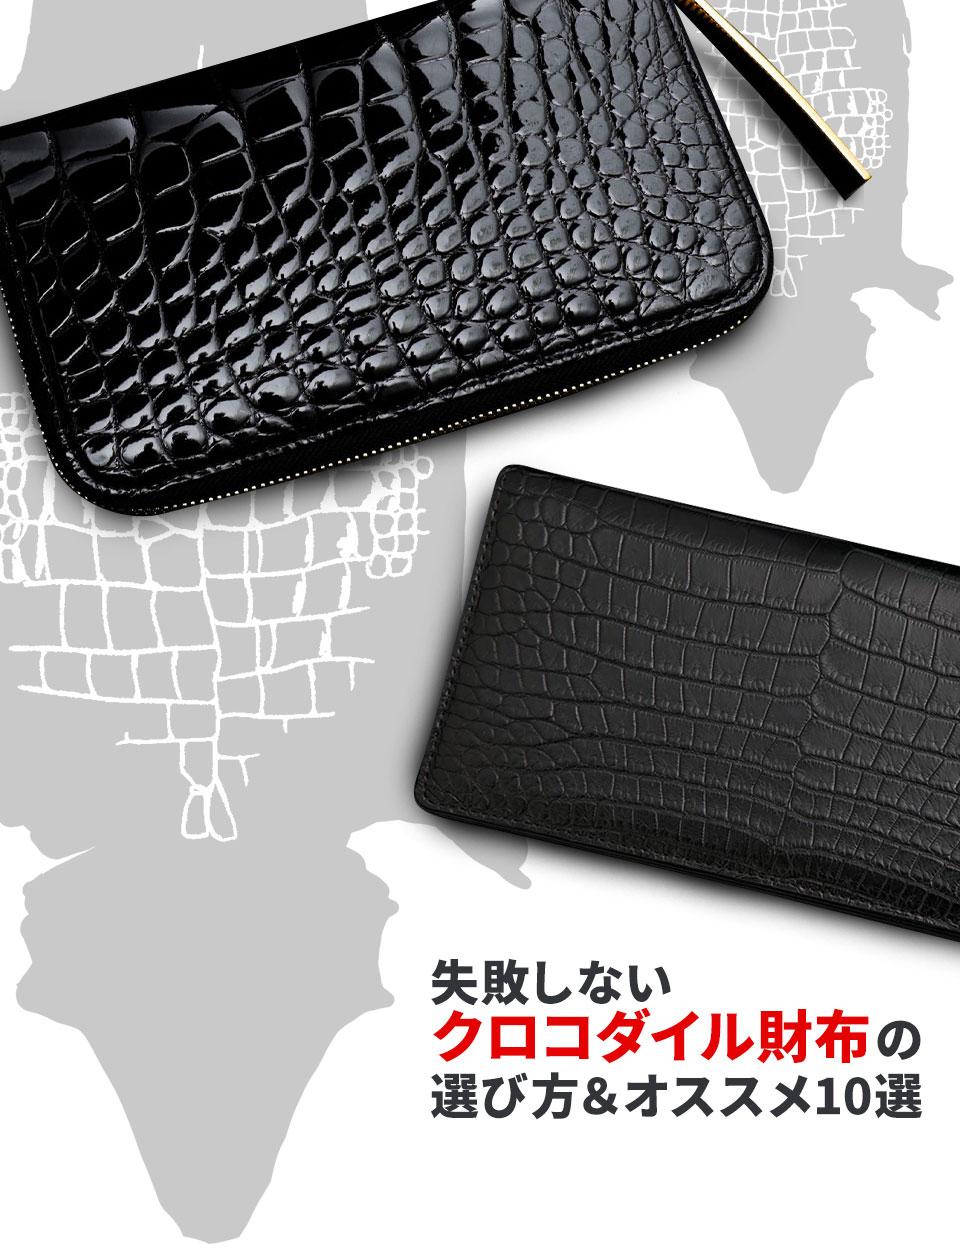 この記事では、「クロコダイル財布」を失敗せずに購入するために事前に知識としてインストールしておきたい、選び方やオススメブランドの紹介をしています。よろしければご覧ください。